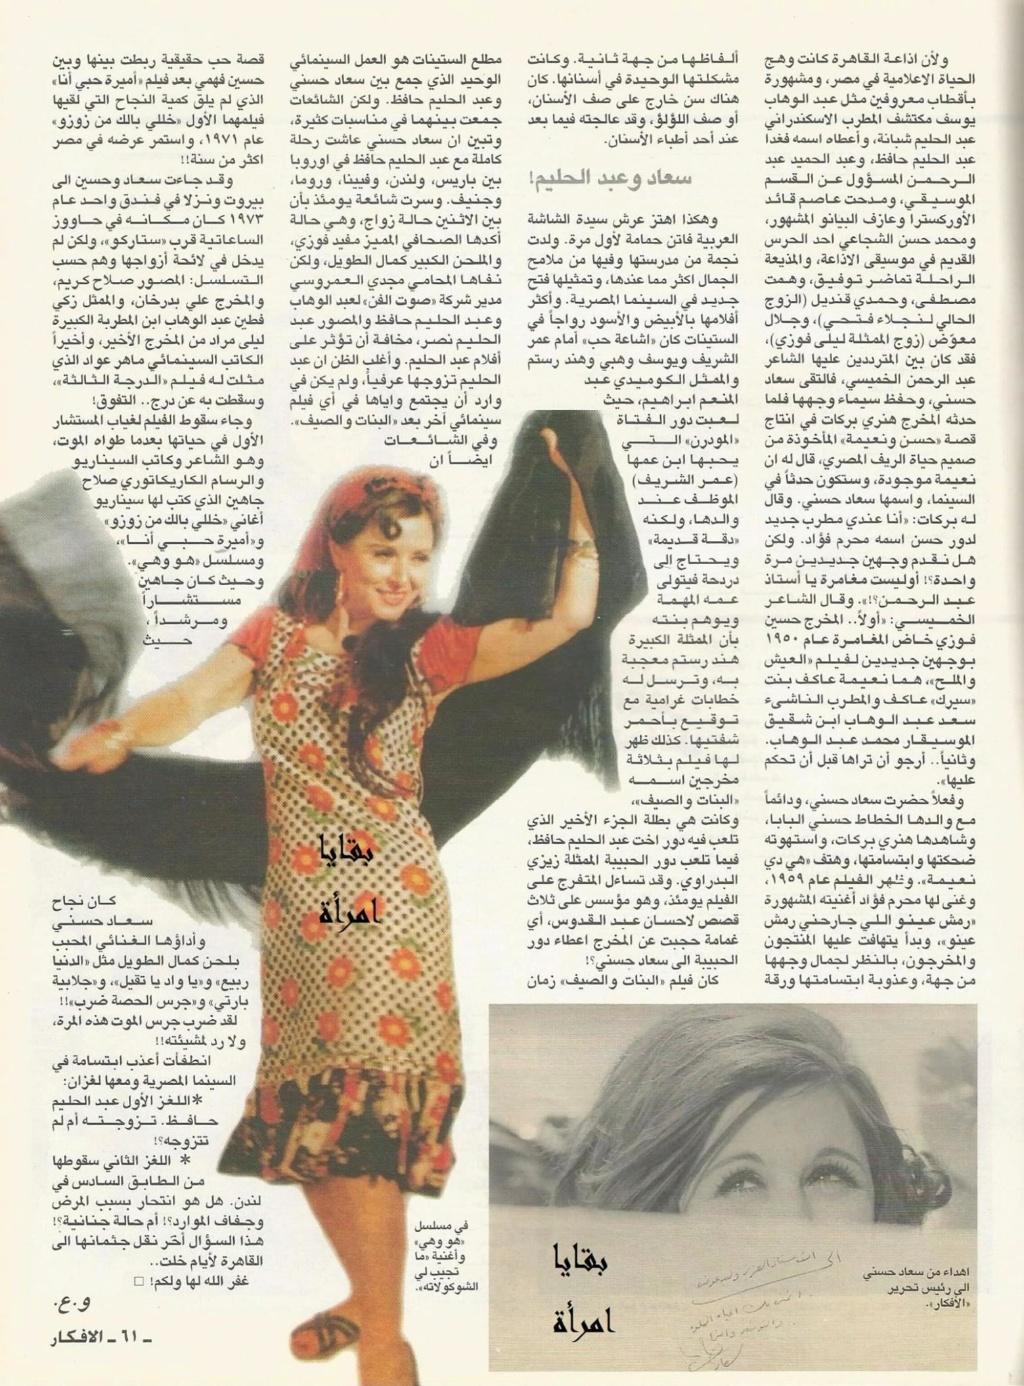 مقال - مقال صحفي : سراج ألغاز وراء انطفاء سعاد حسني! 2001 م 3150